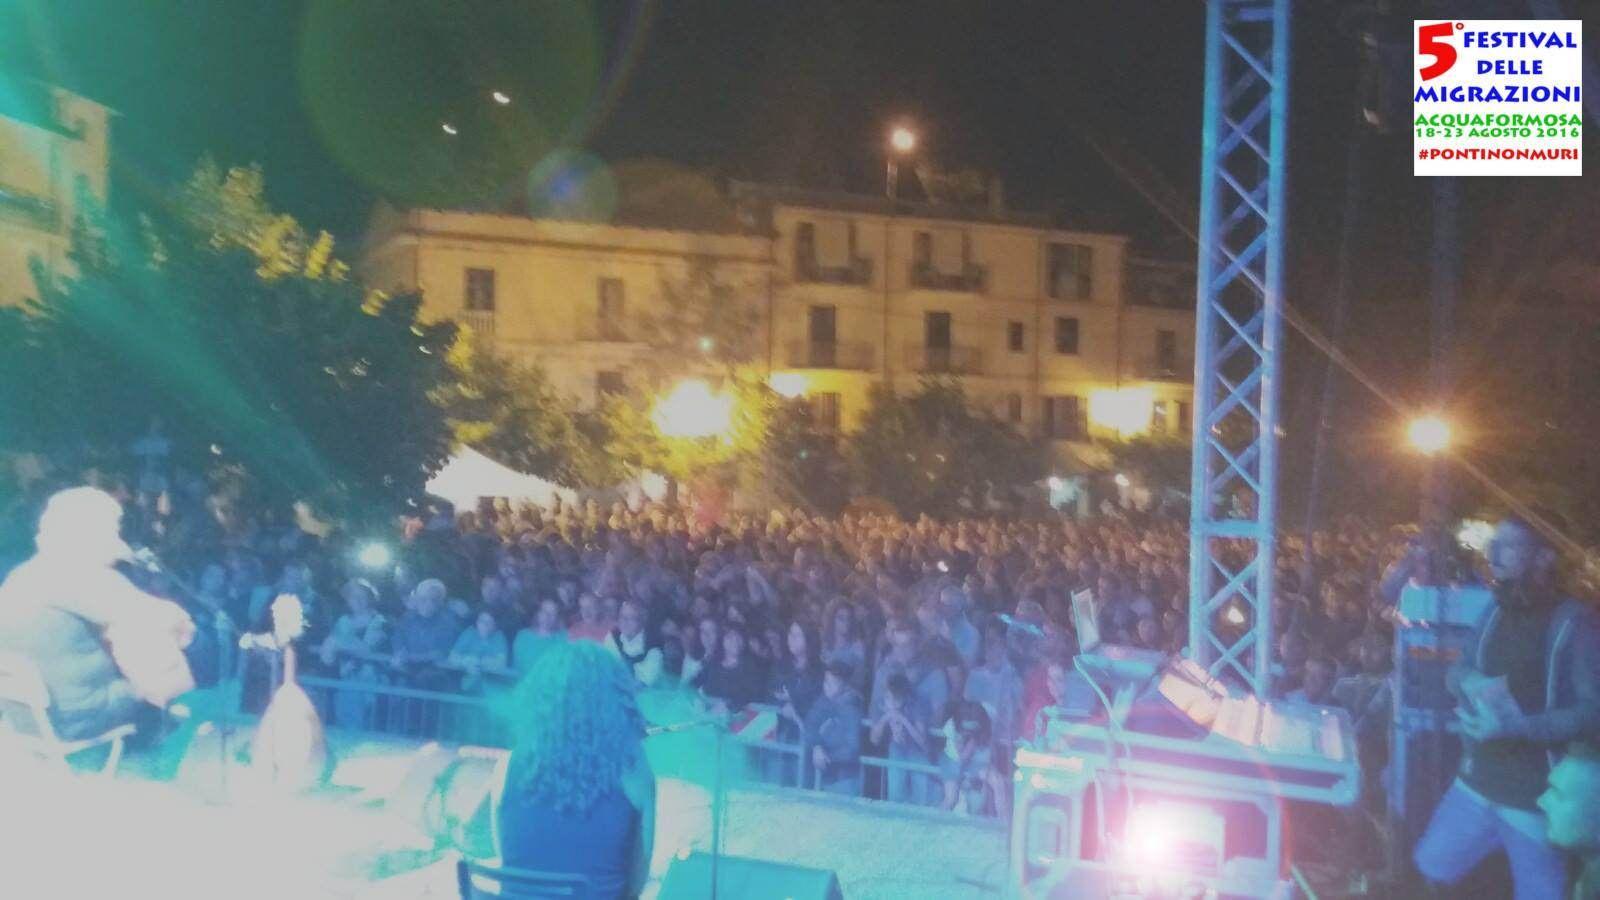 Festival delle migrazioni, domani la giornata anti-Salvini